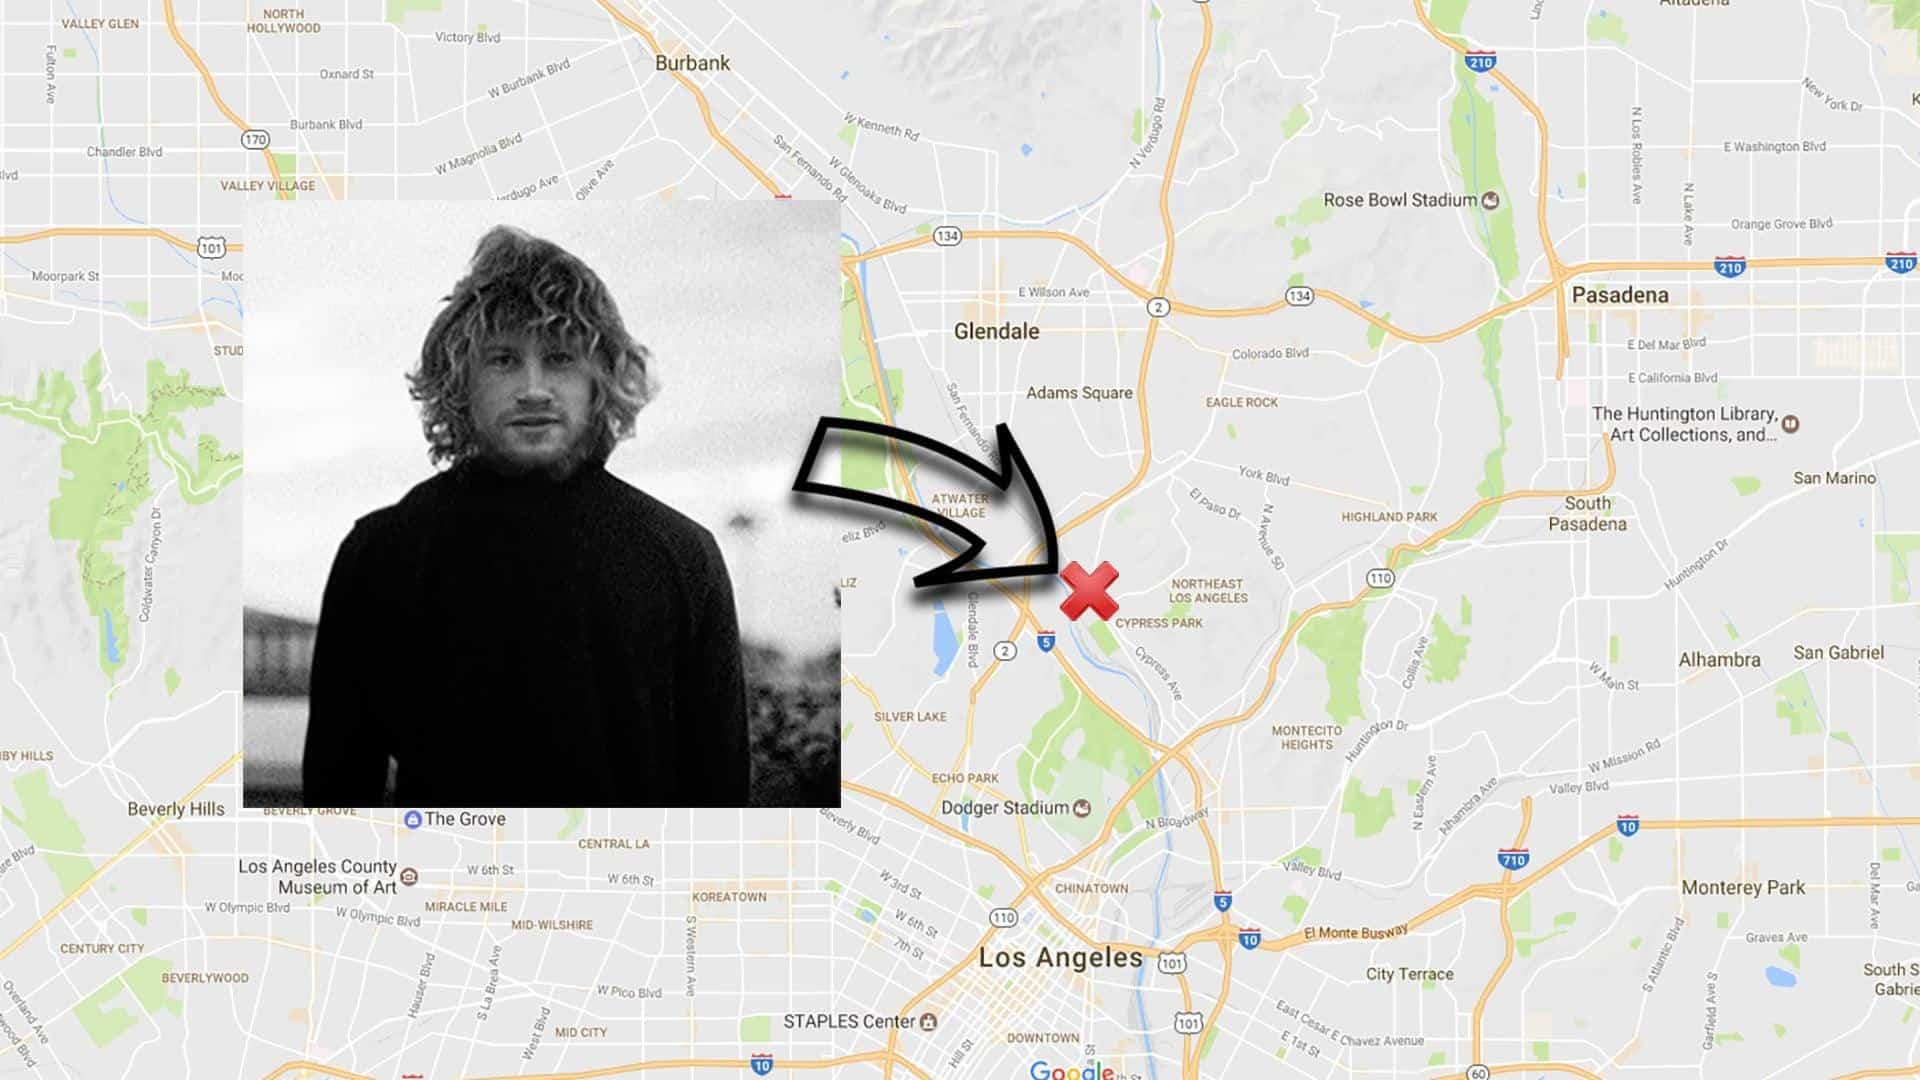 Herman Fredlund i Los Angles - Del 2: Rapport från de första veckorna